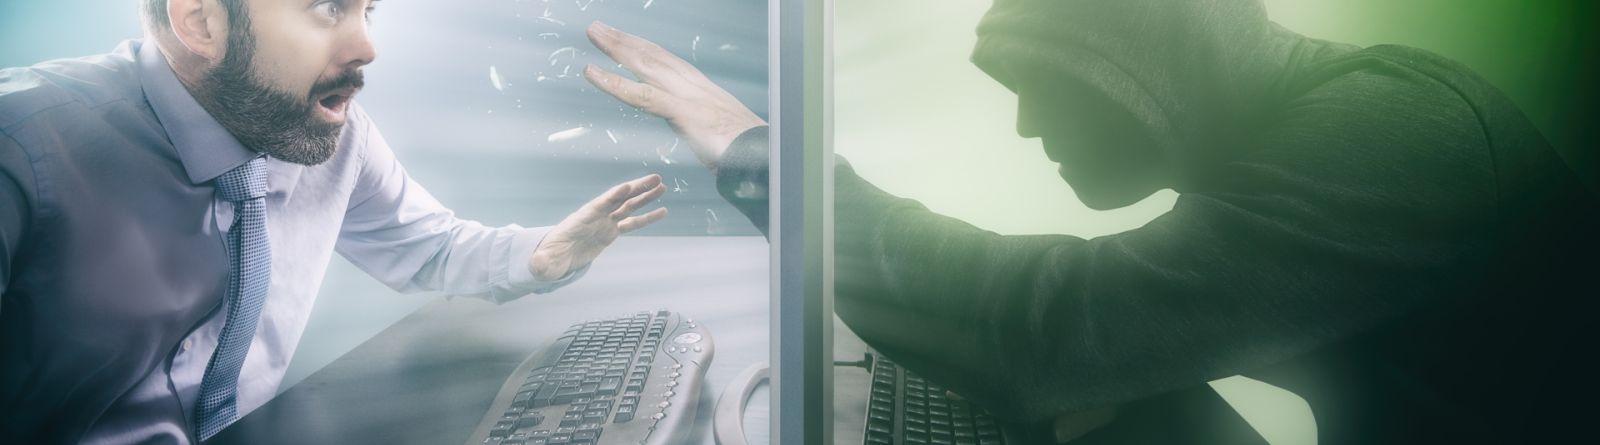 Abusivismo, ecco gli ultimi siti pirata oscurati in tutto il mondo